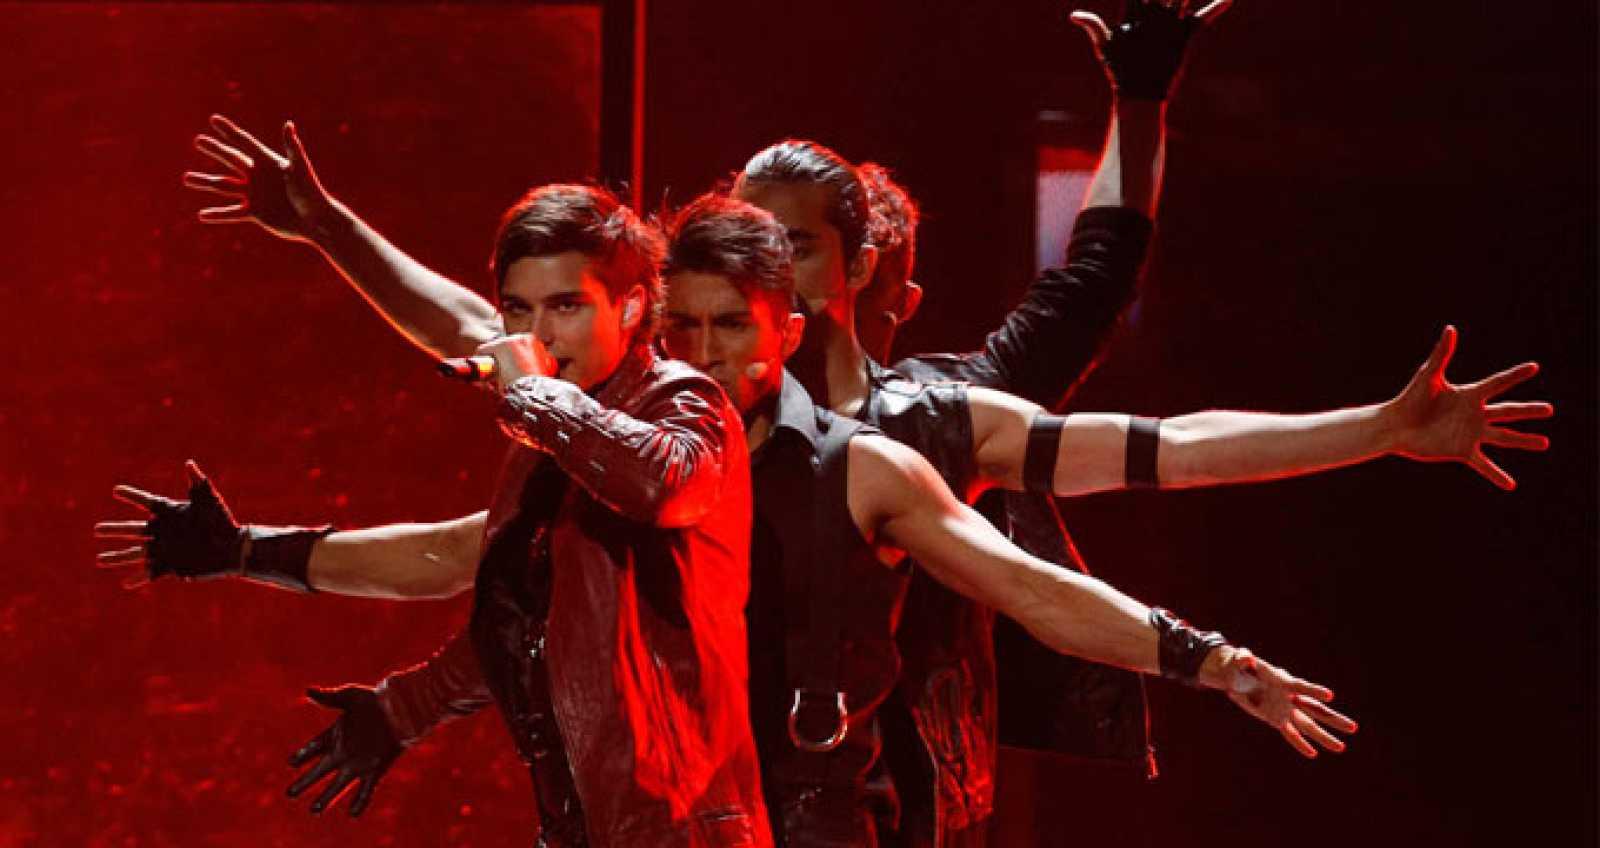 Eurovisión 2011 - 2ª semifinal - Suecia